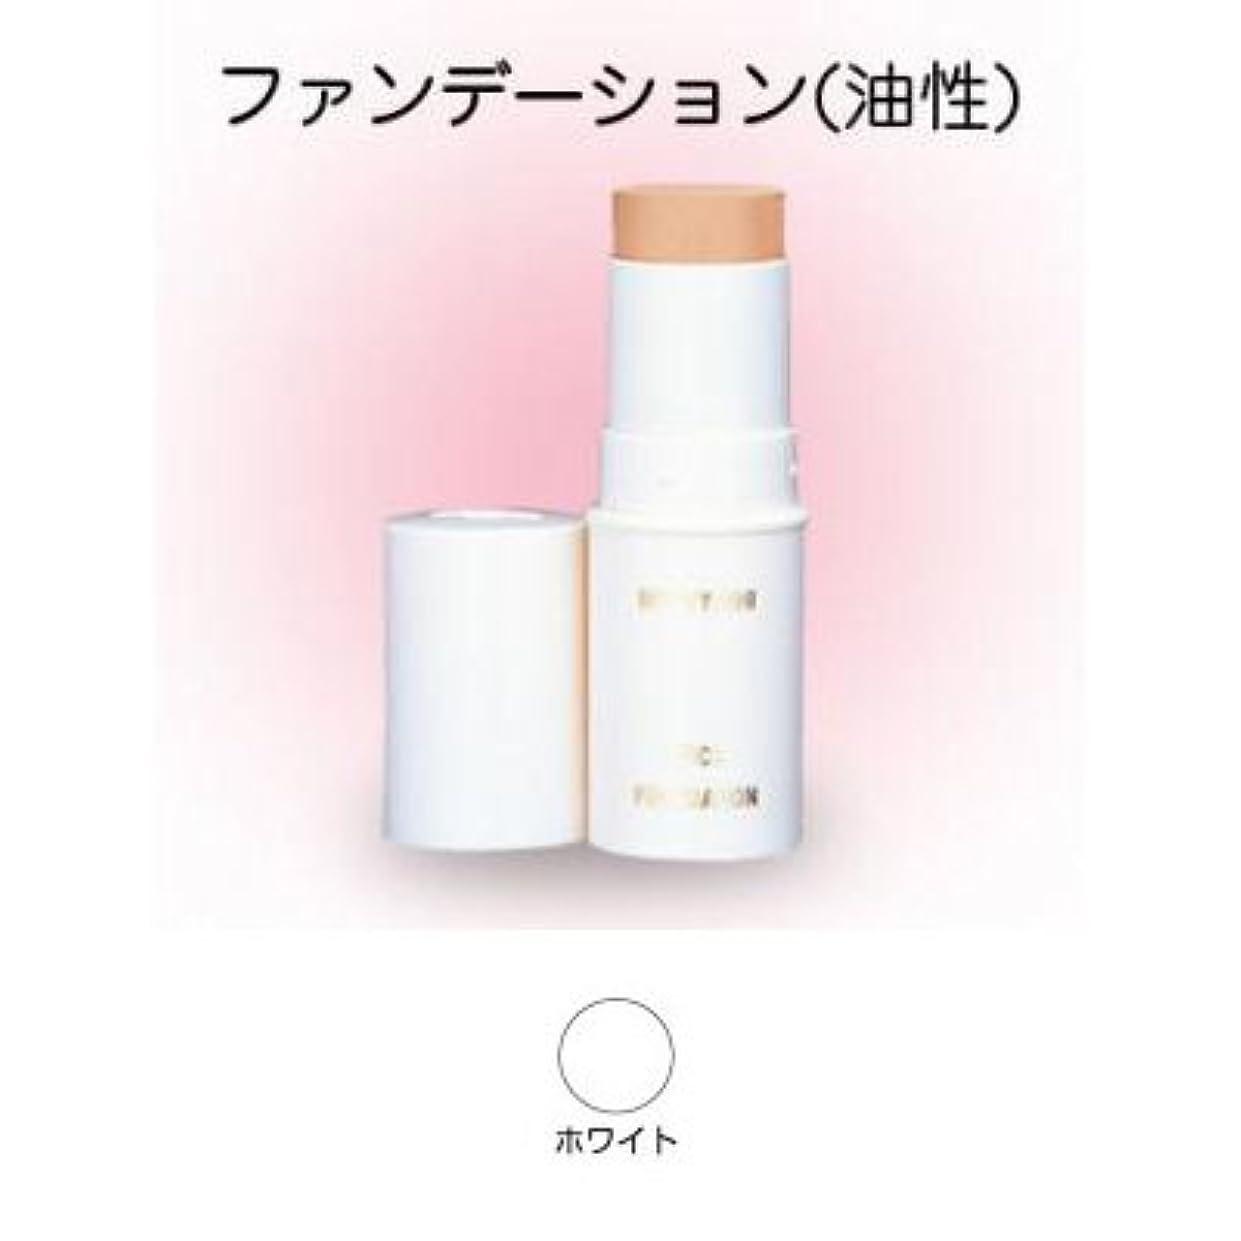 悪行ブームドライスティックファンデーション 16g ホワイト 【三善】